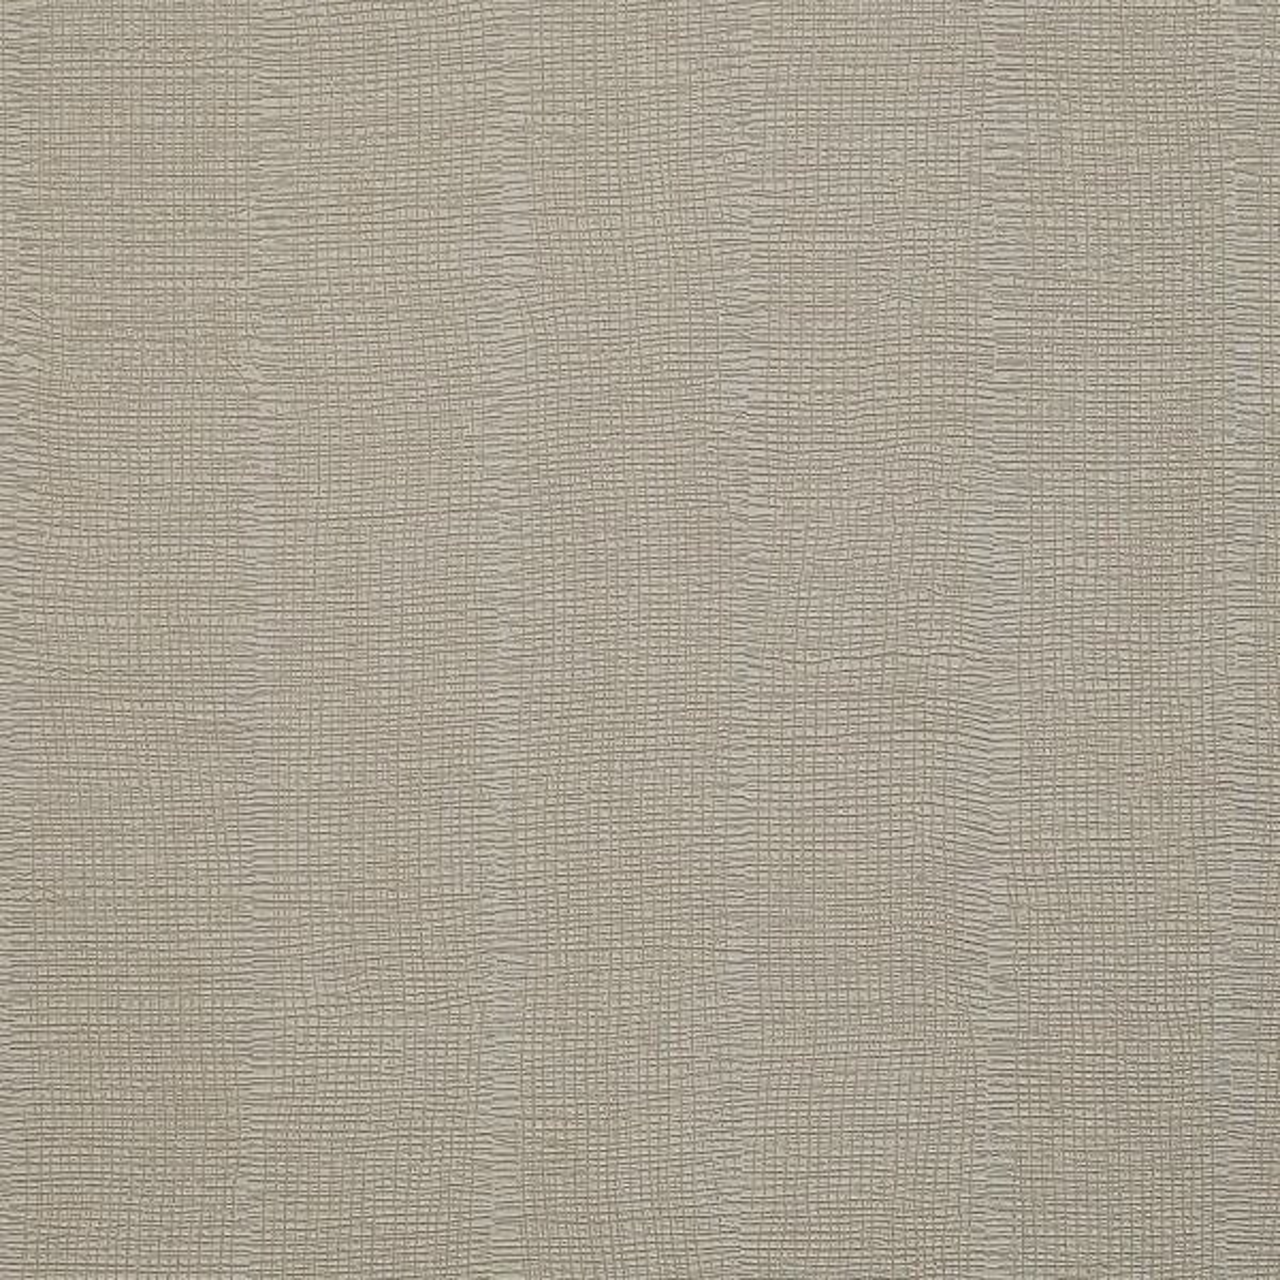 پک کاغذ دیواری داموس پاراتی میلانو آلبوم گرین کازا 3 مدل 44731  بسته 2  رولی